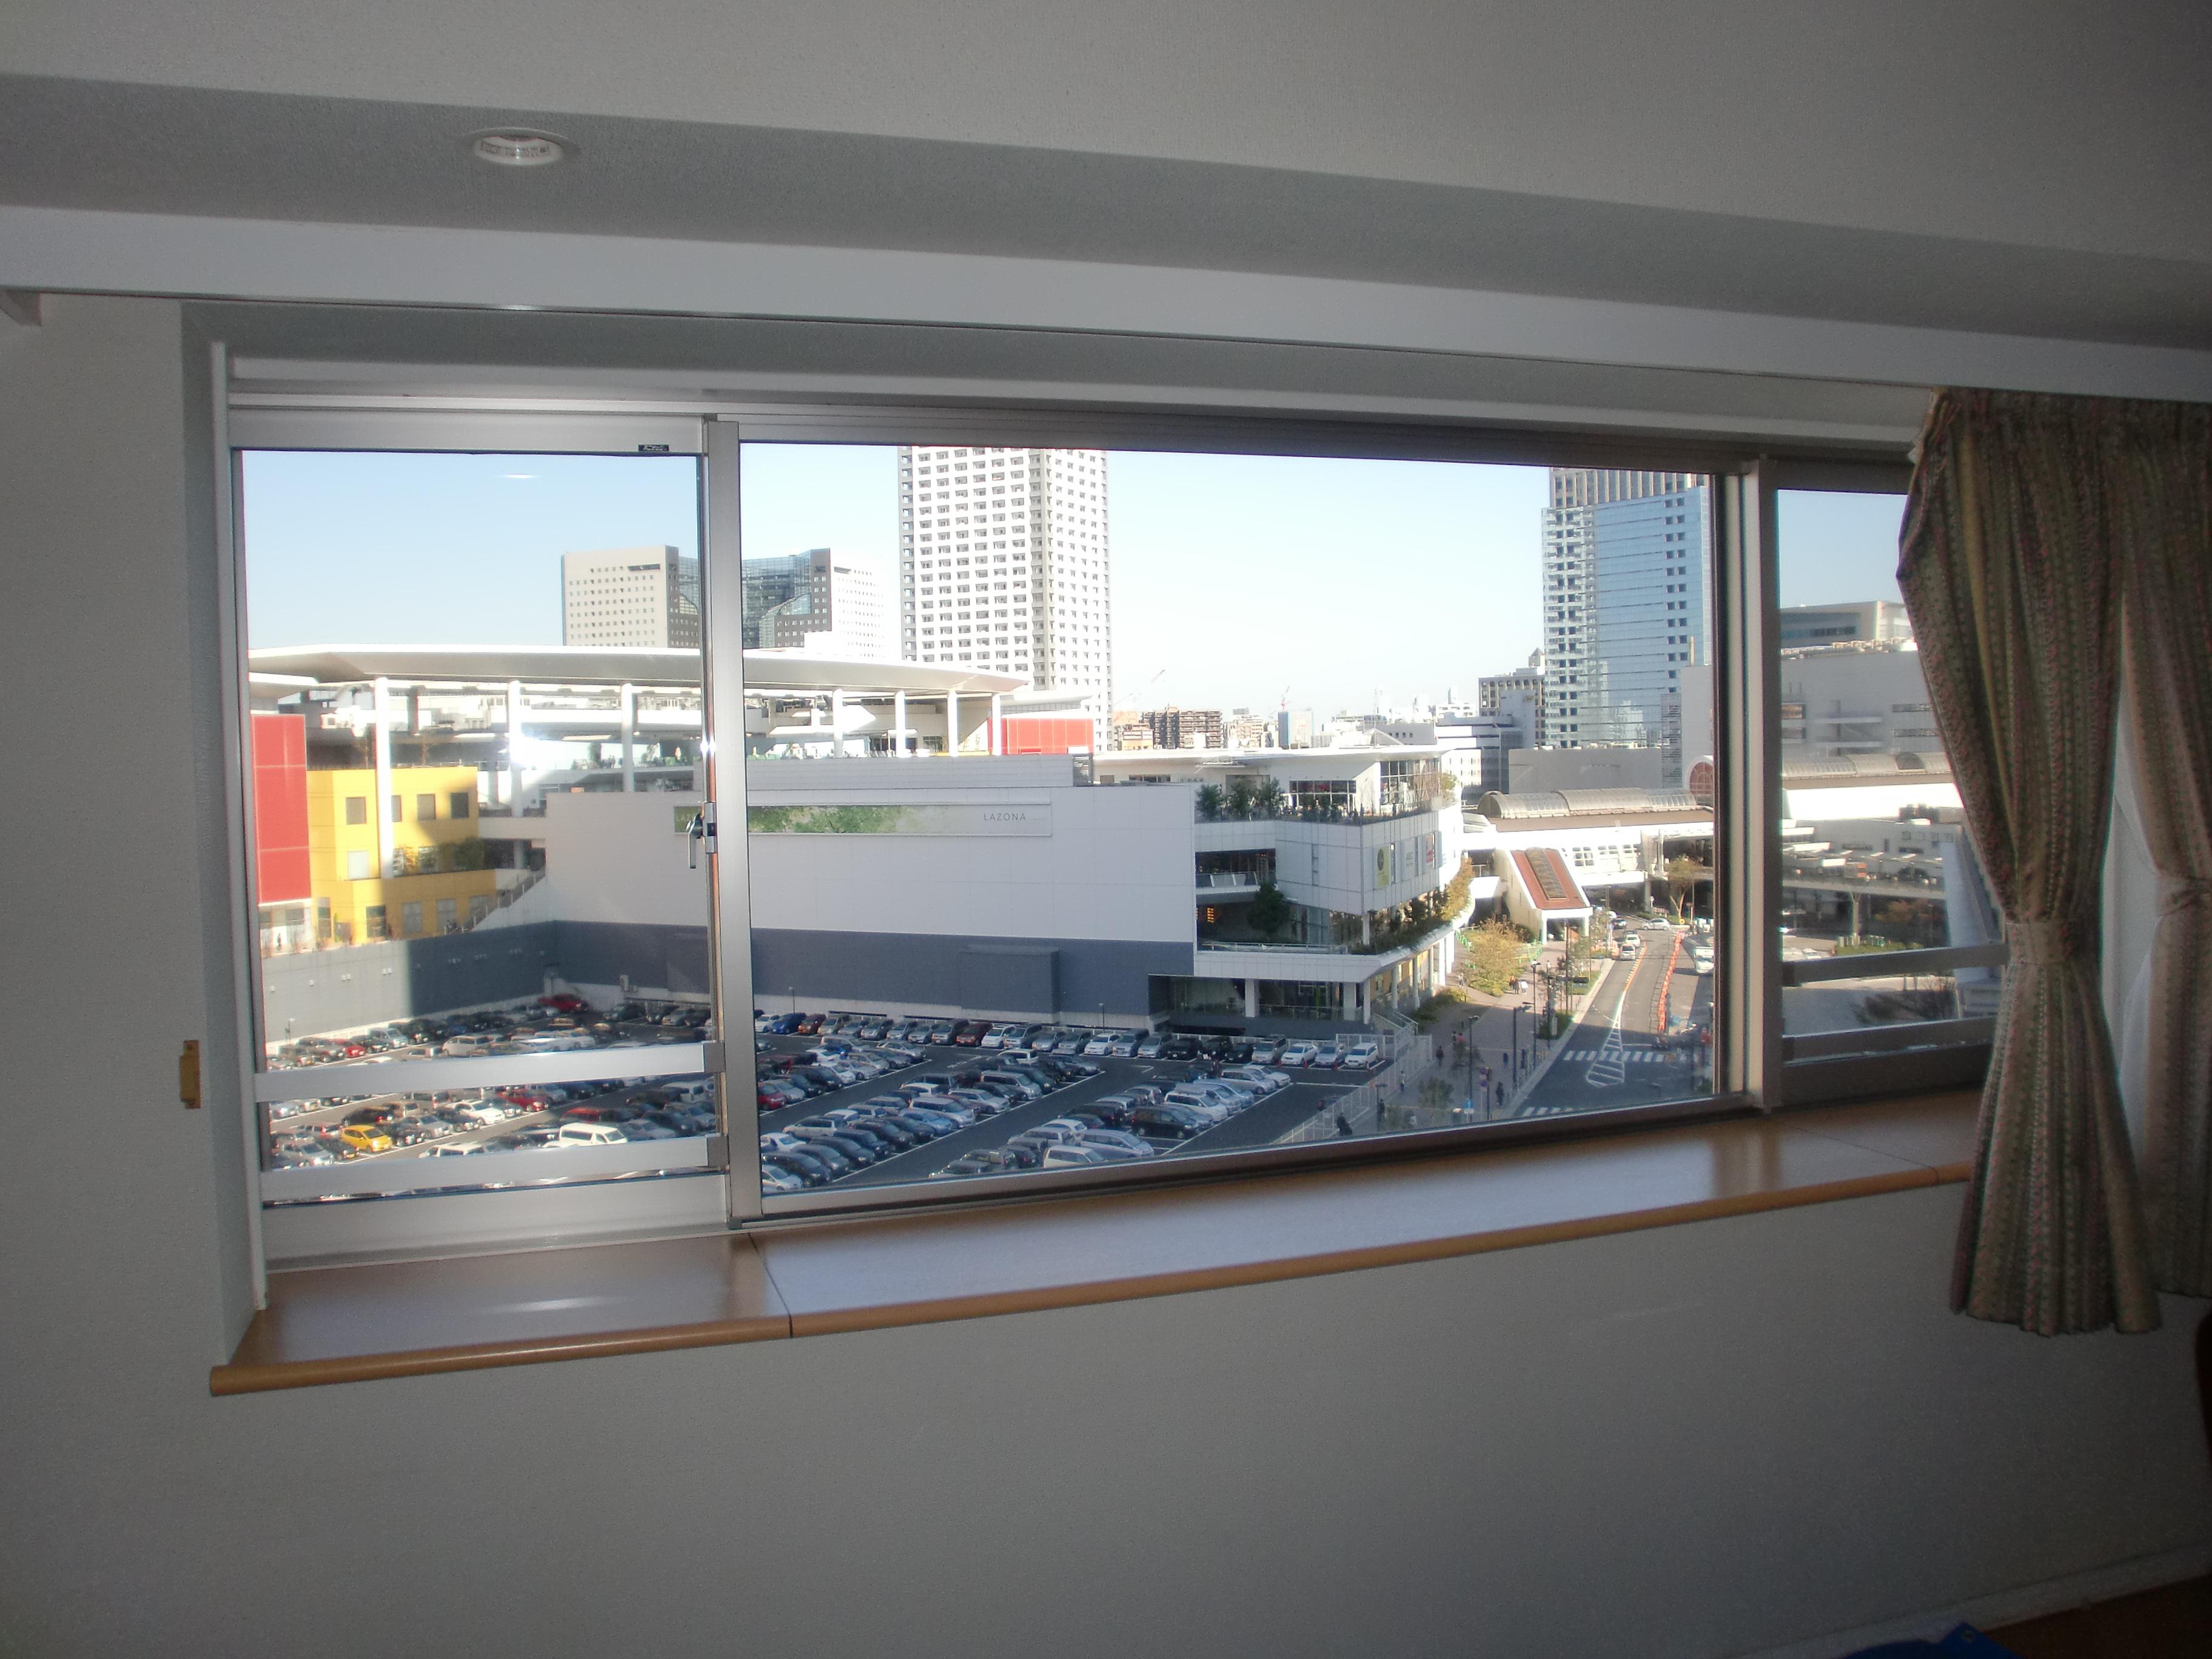 出窓の二重窓控除のお知らせ施工事例サービスエリア 断熱ドア